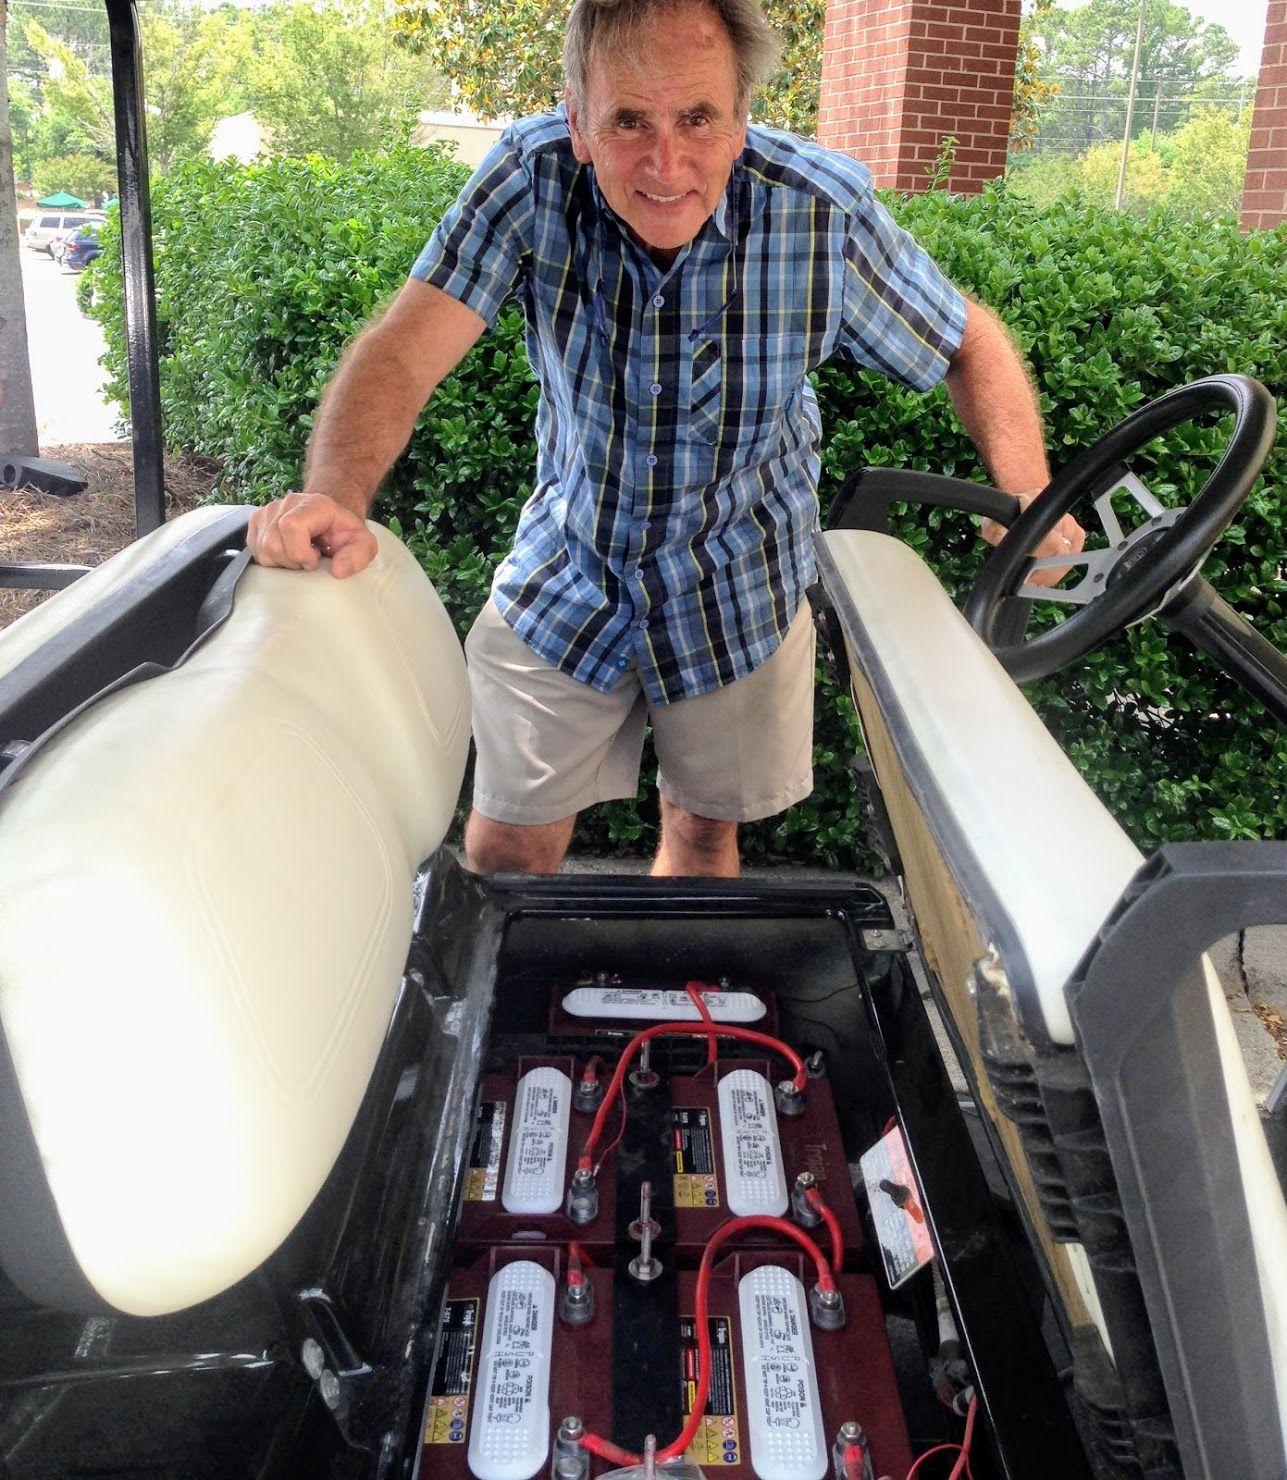 Electric Golf Cart Batteries Voltage Plate Thickness And More Golf Cart Batteries Golf Carts Electric Golf Cart